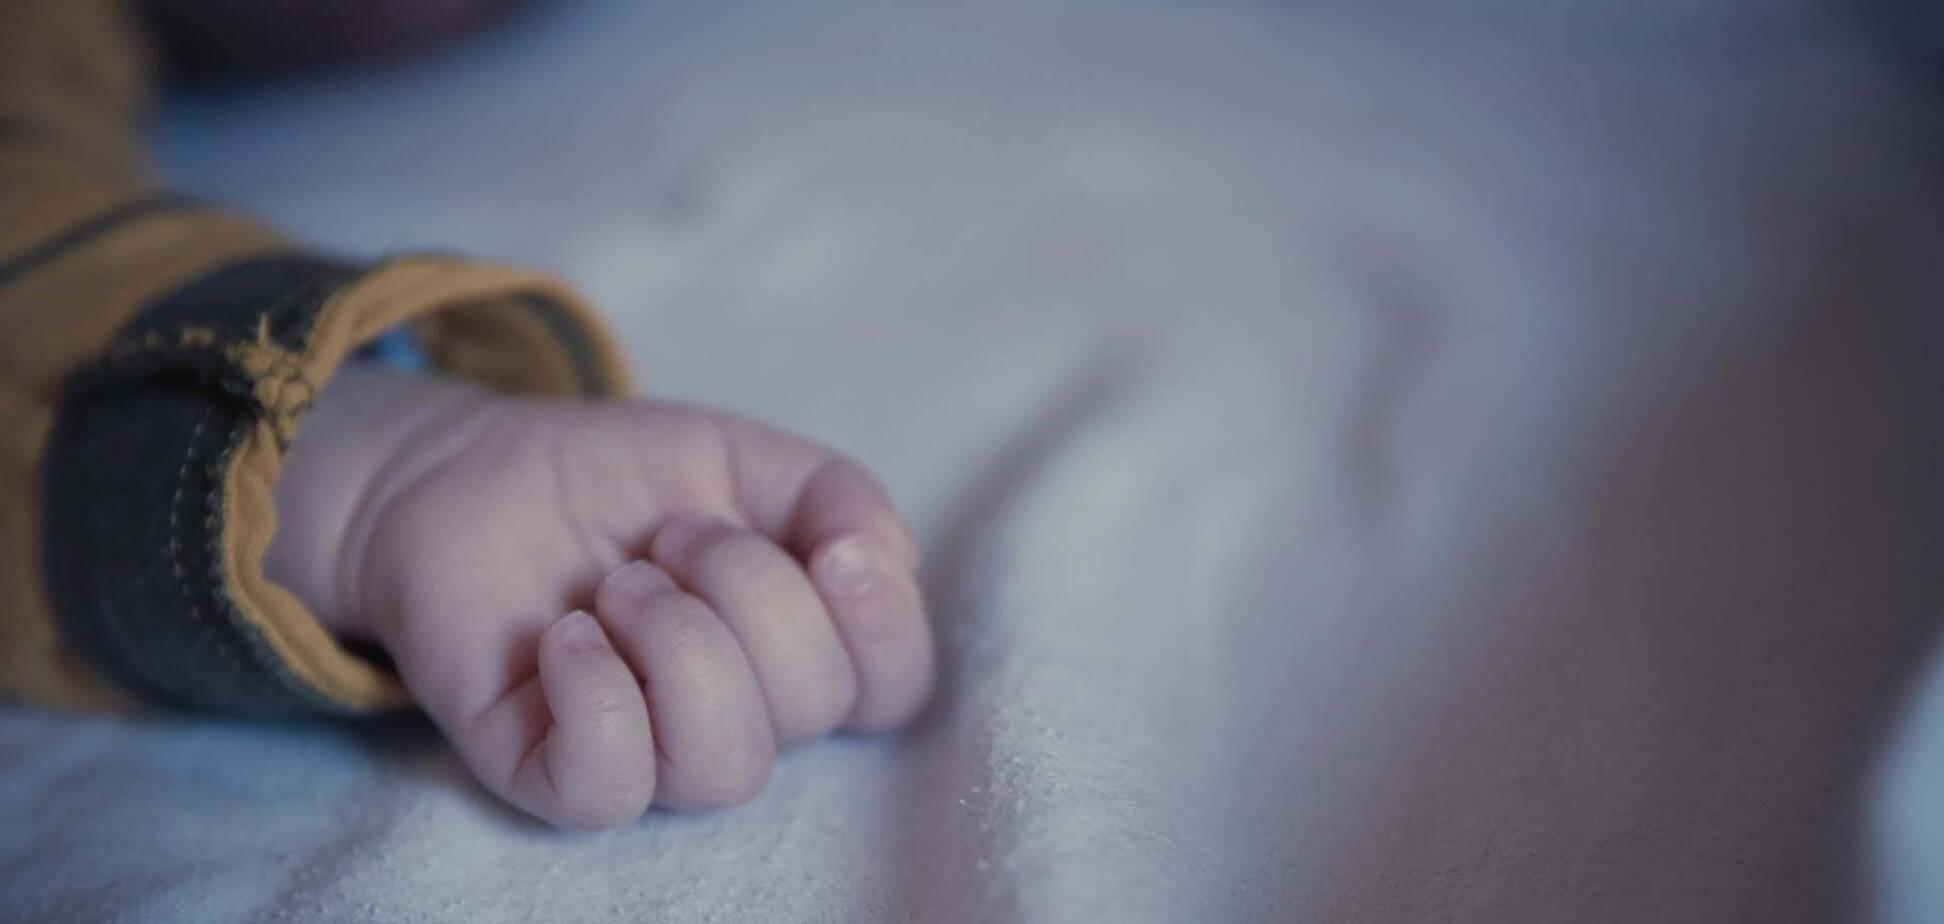 На Дніпропетровщині чоловік до смерті побив 2-річну дитину на очах у матері